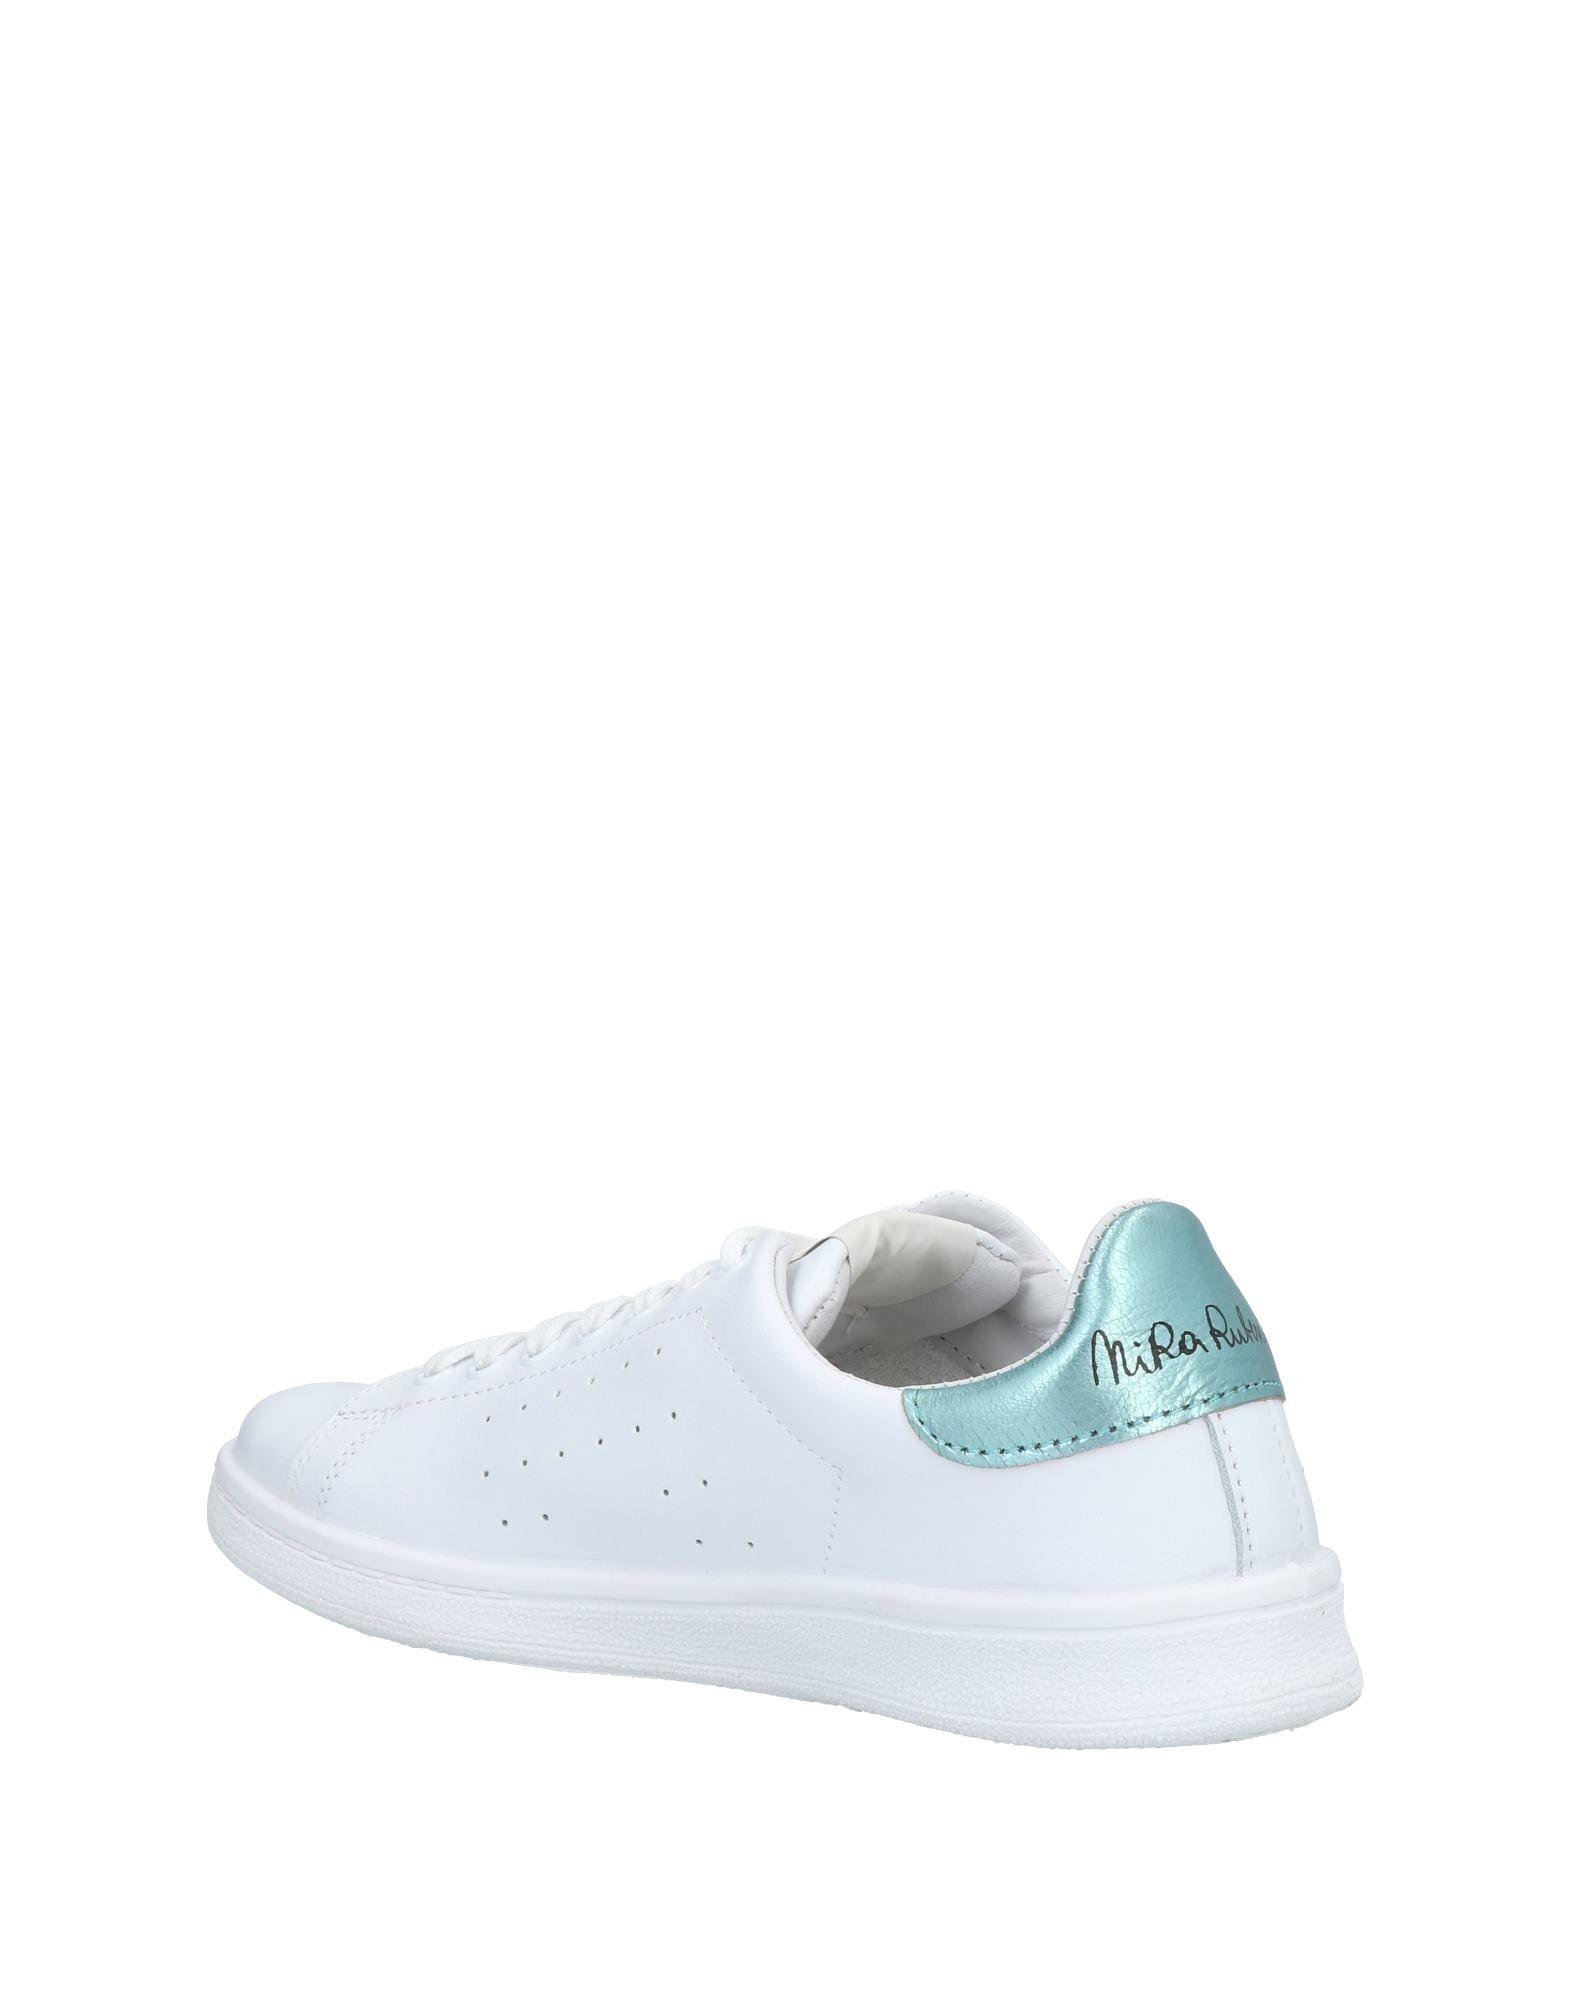 Nira Rubens Sneakers Qualität Damen  11480310BD Gute Qualität Sneakers beliebte Schuhe 286755